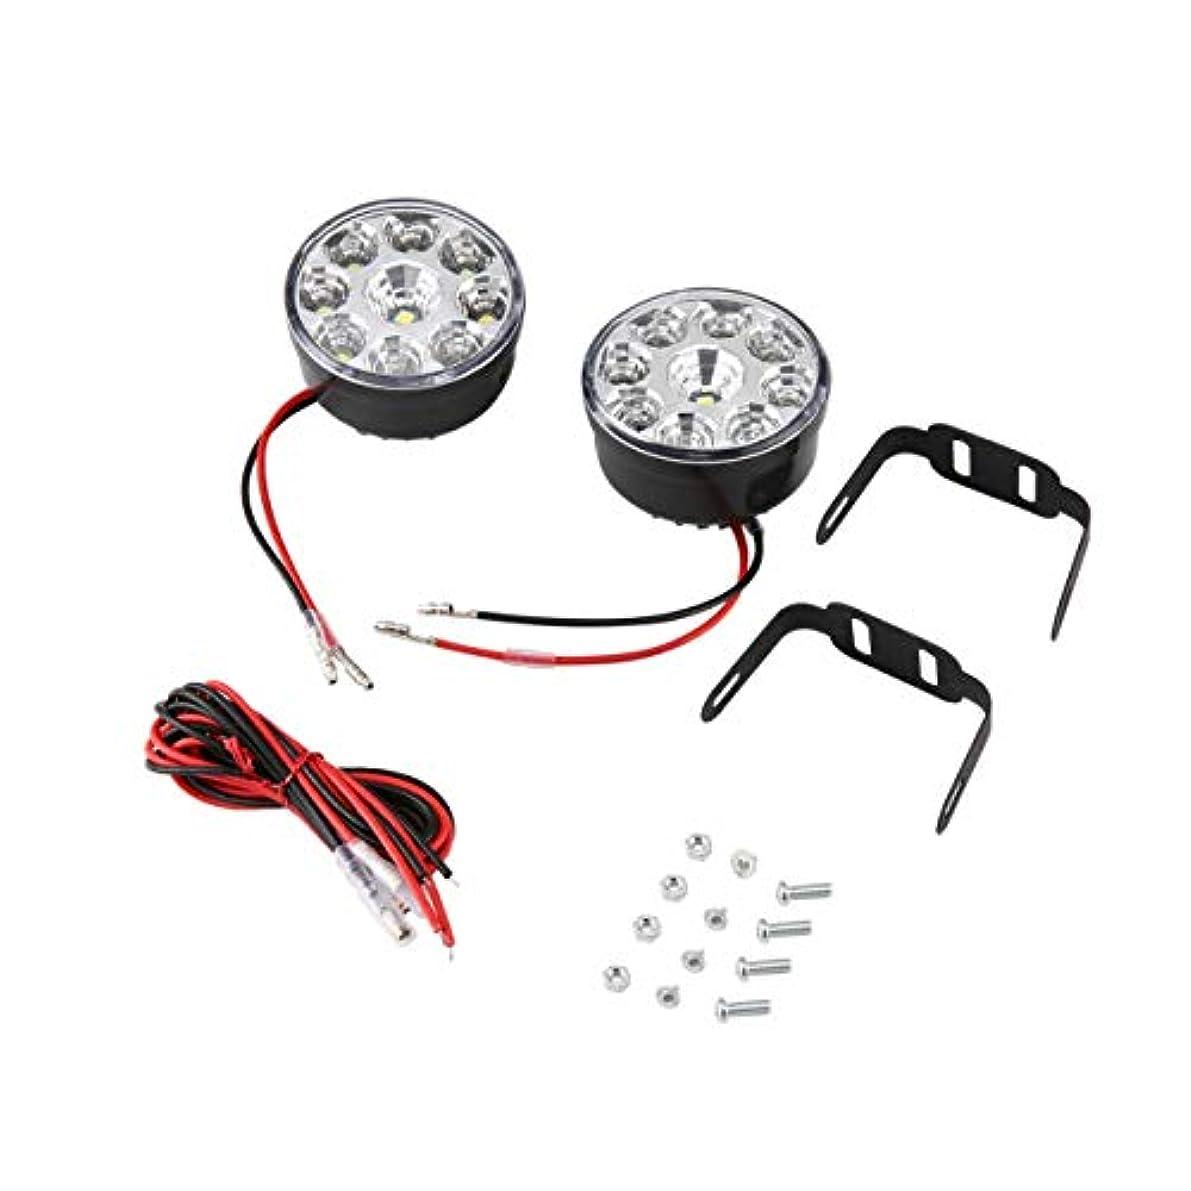 恐ろしい匹敵します買い手2个9 LED車ヘッドのフロントフォグライトオフロードランプ日中走行用ライト